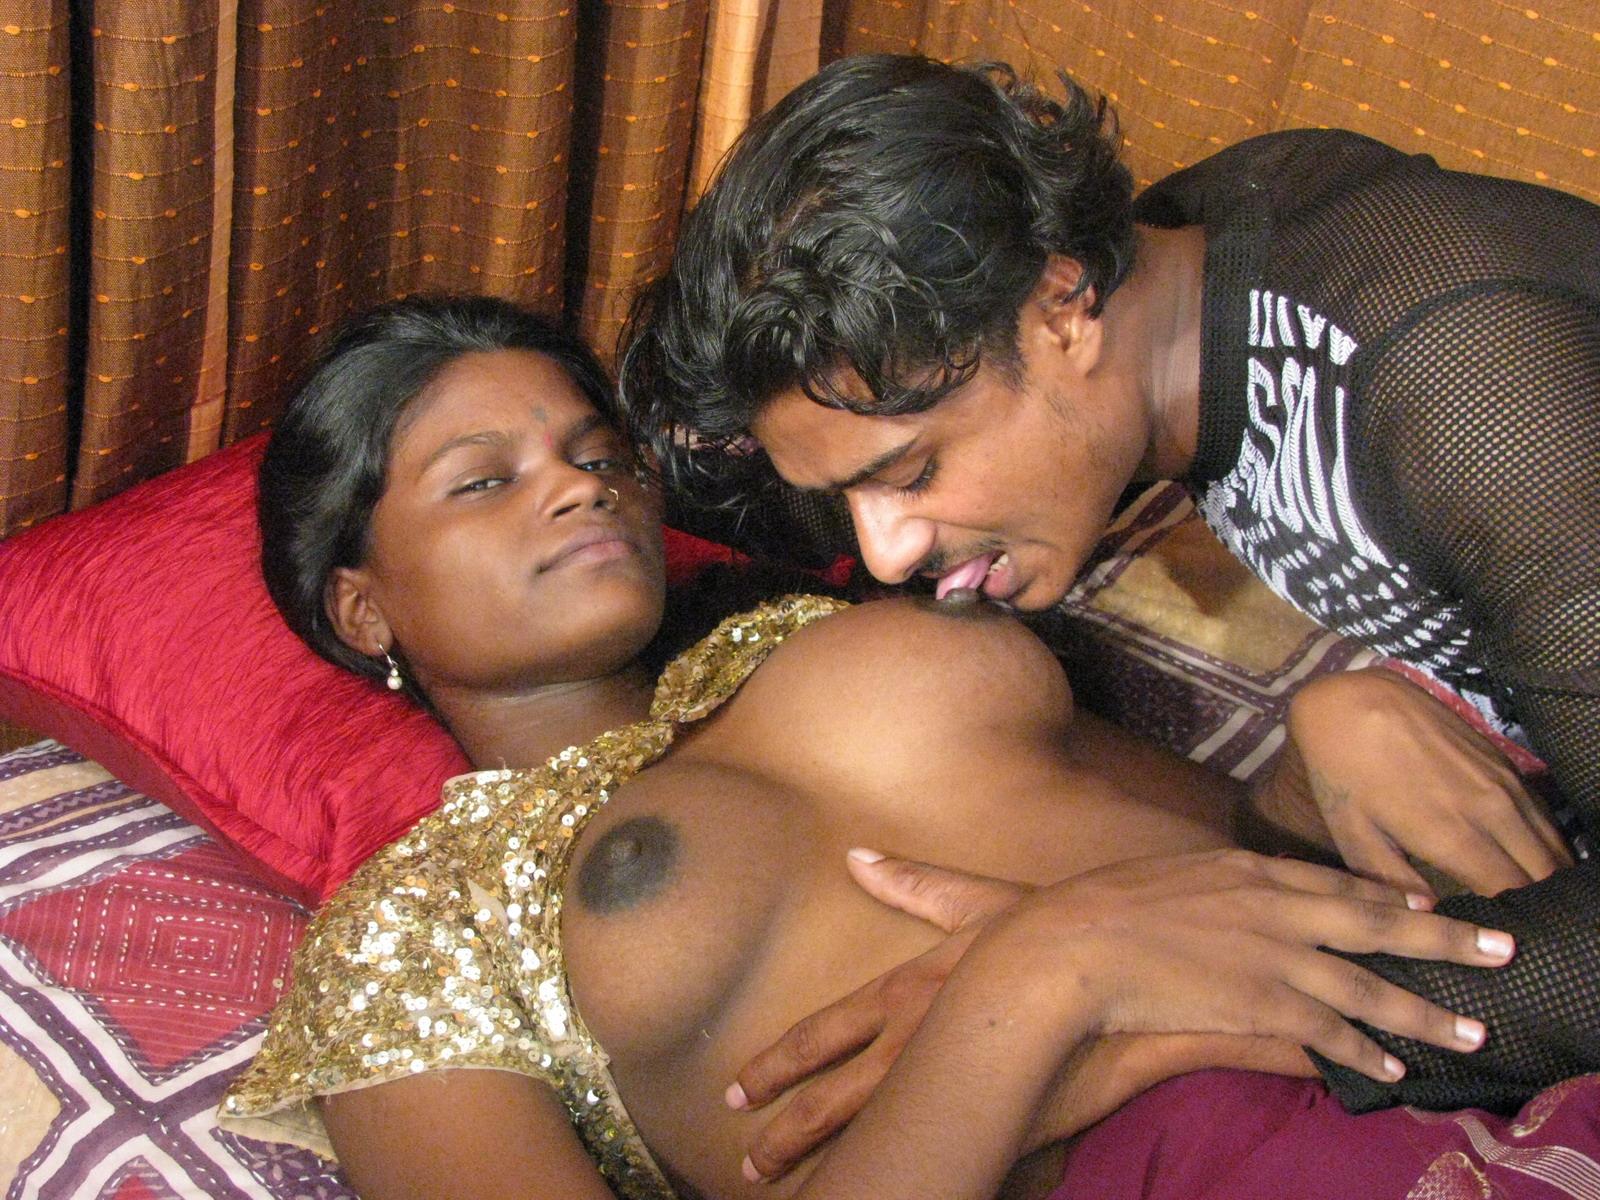 otnoshenie-k-seksu-v-indii